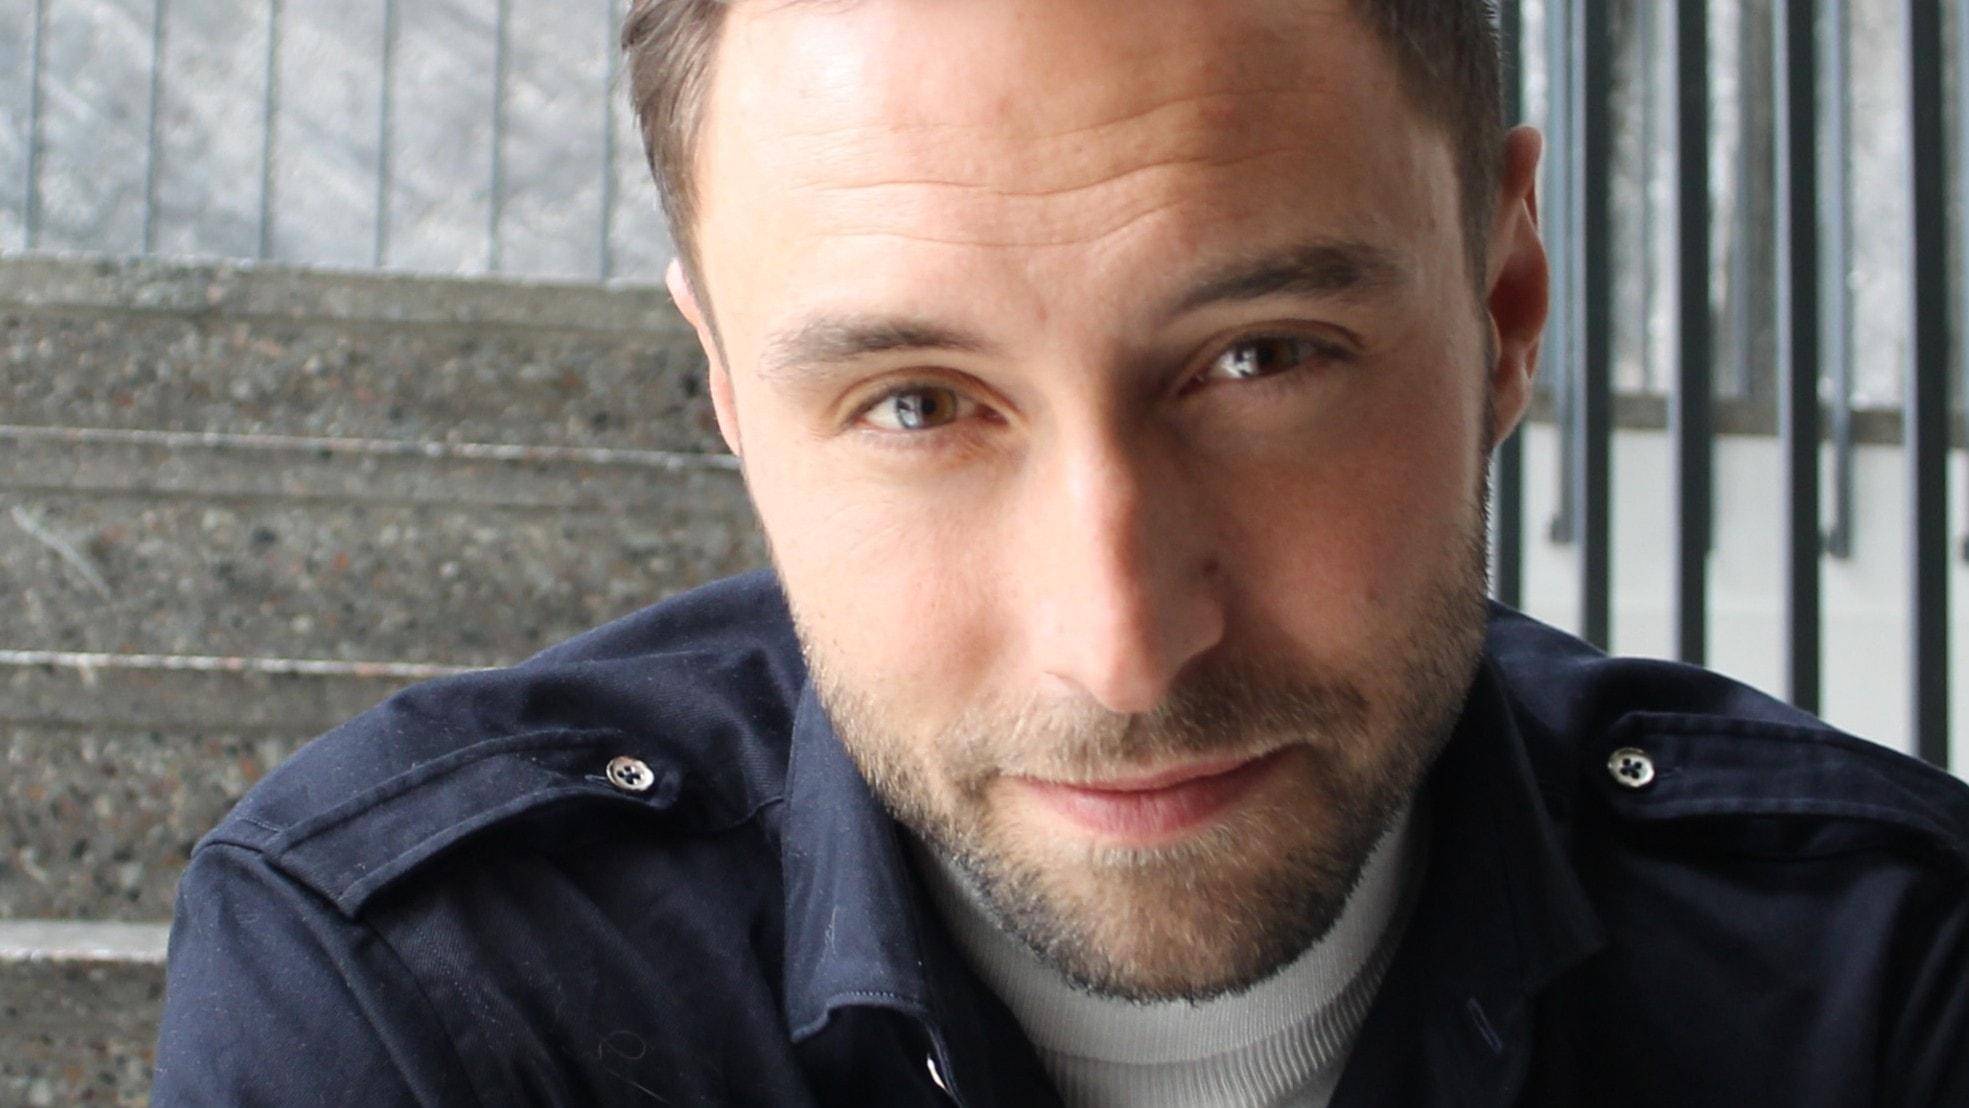 P4 Musikintervjun med Måns Zelmerlöw: Jag vill inte vara en Bad Boy